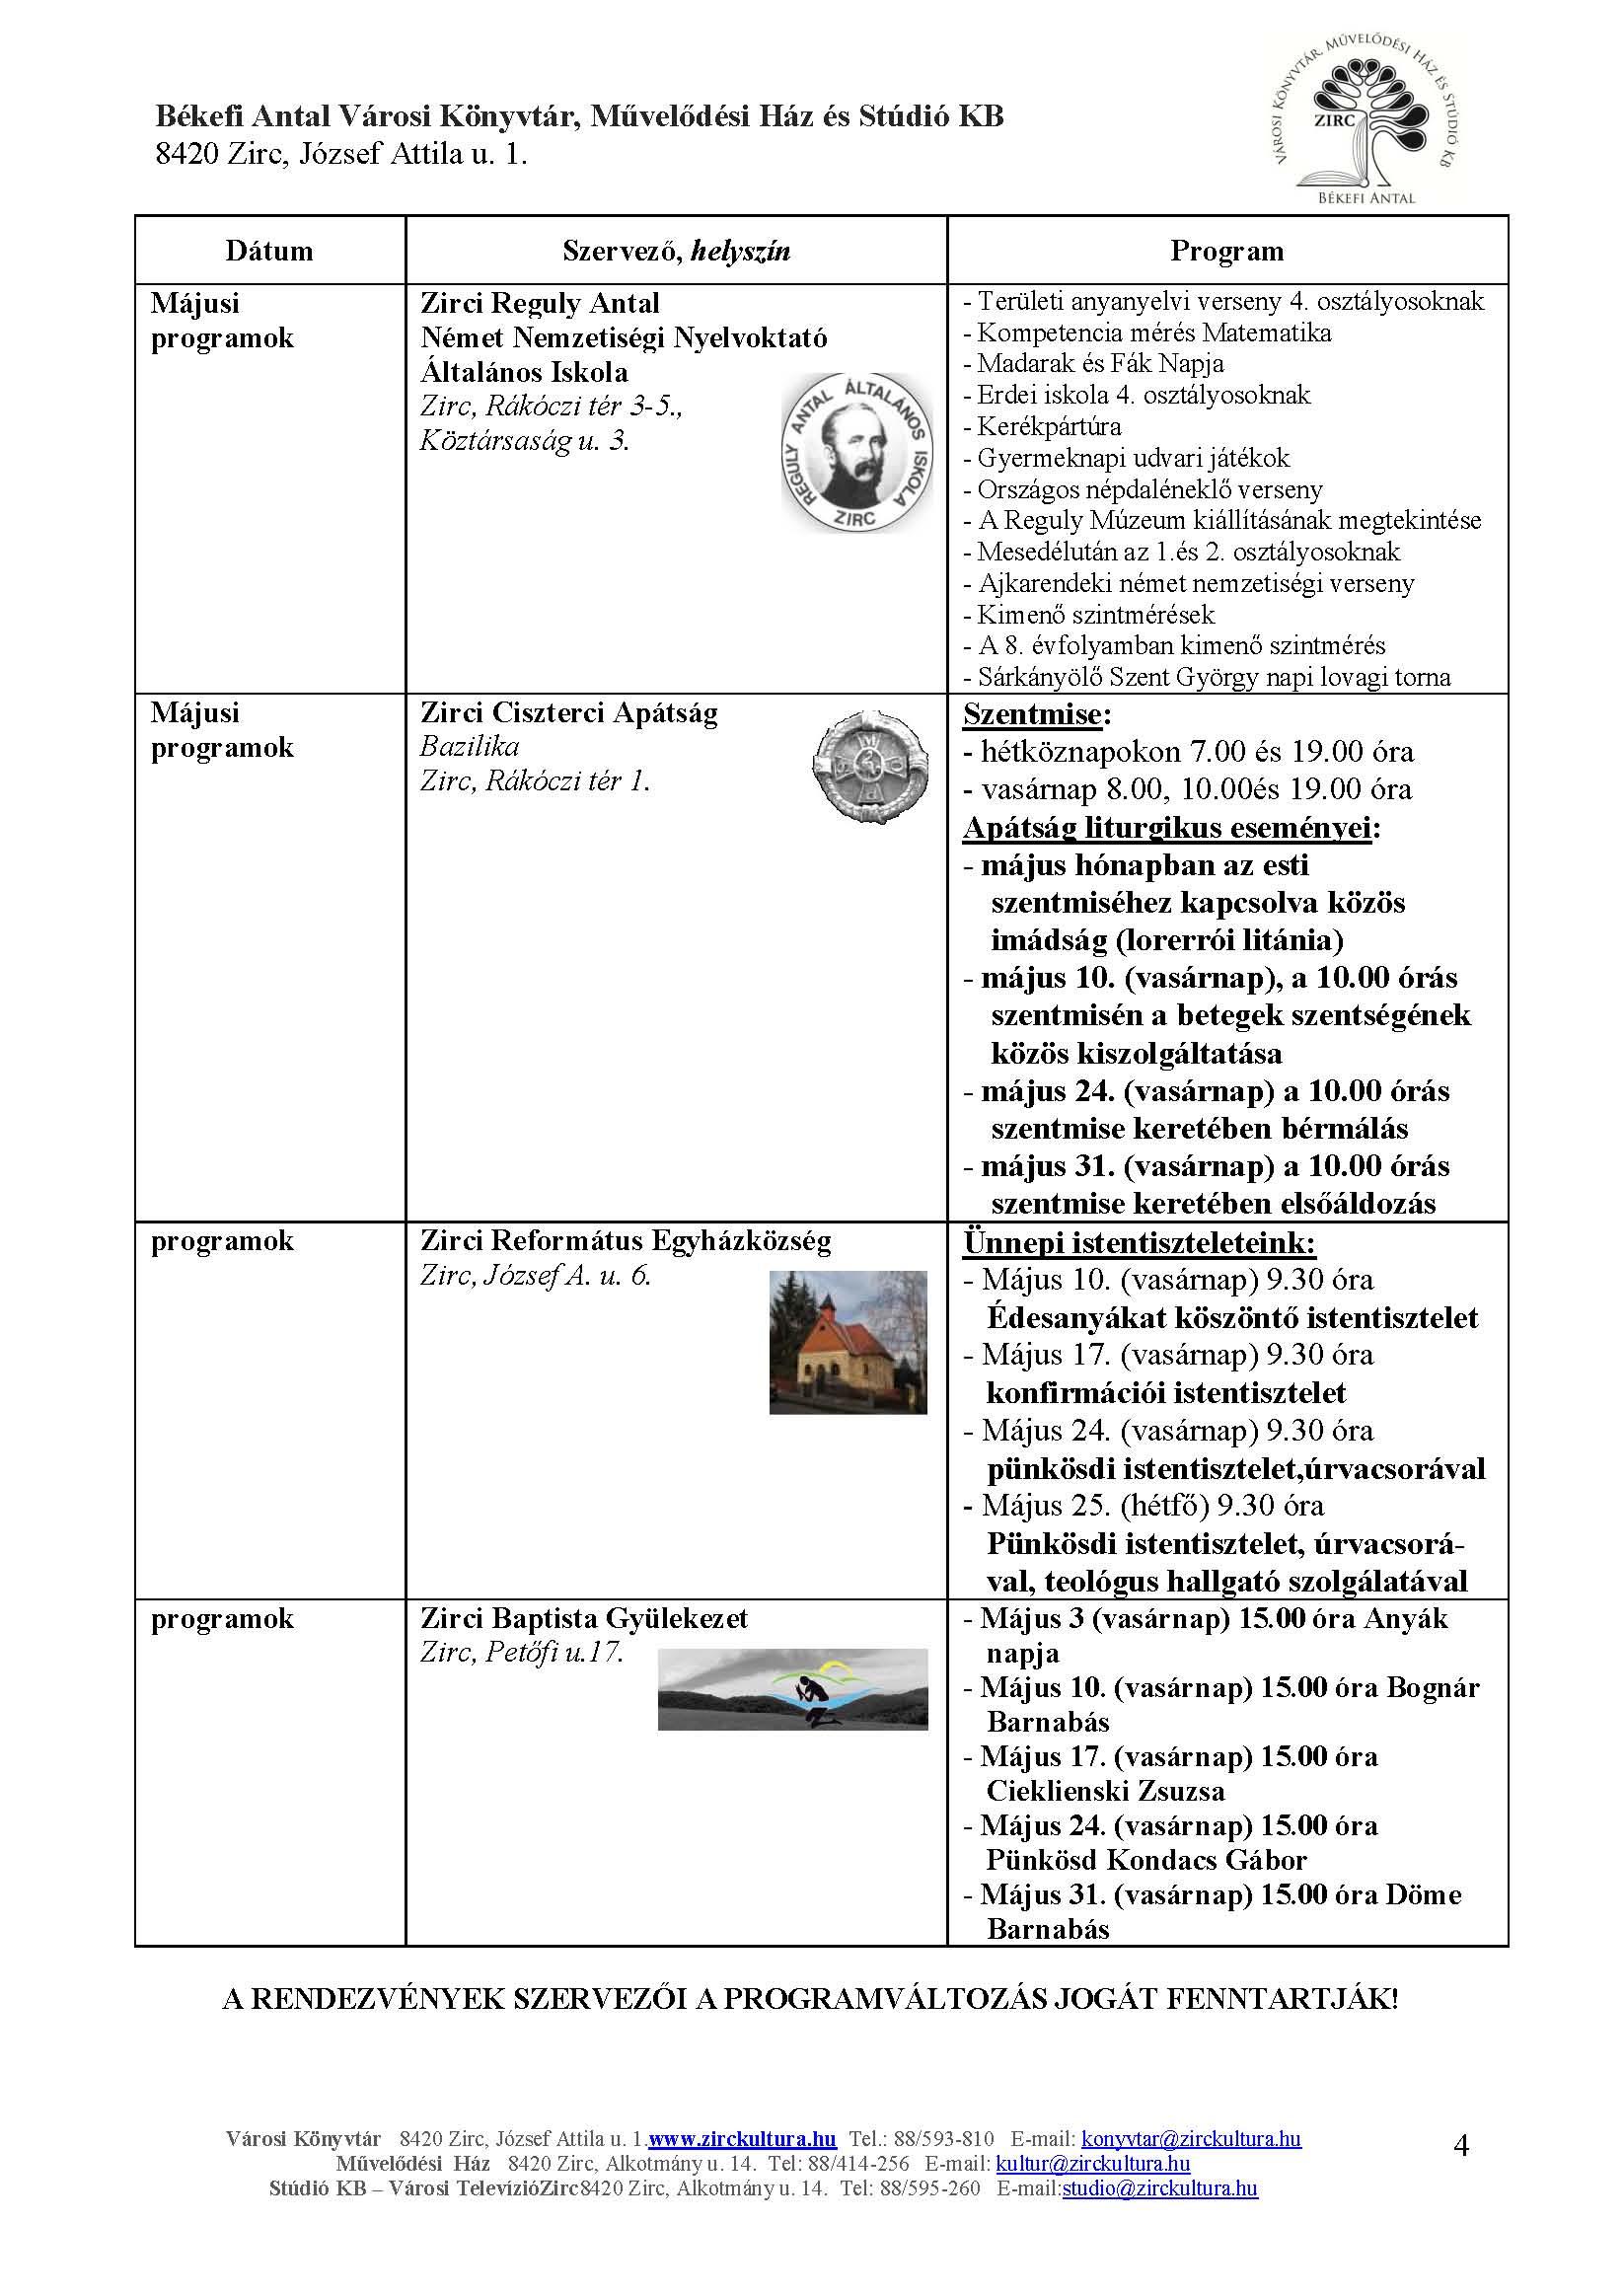 pmh-2015_05_majusi_programok_zircen1_oldal_4.jpg